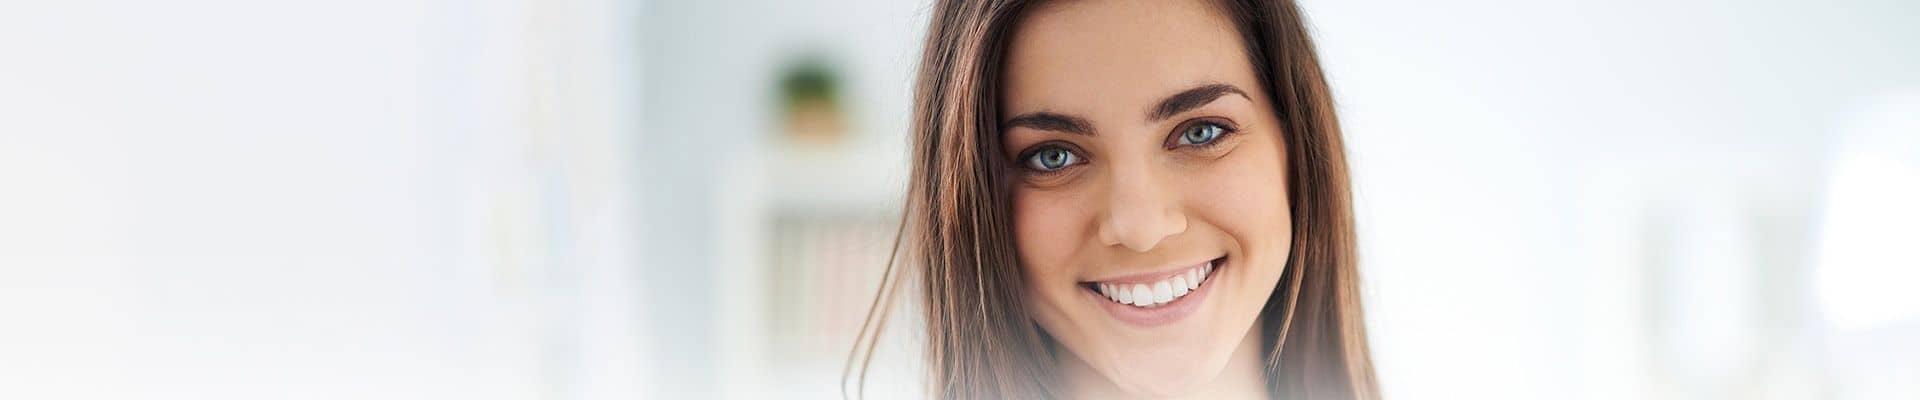 látás mínusz 7 ilyen milyen vitamin javítja a látást